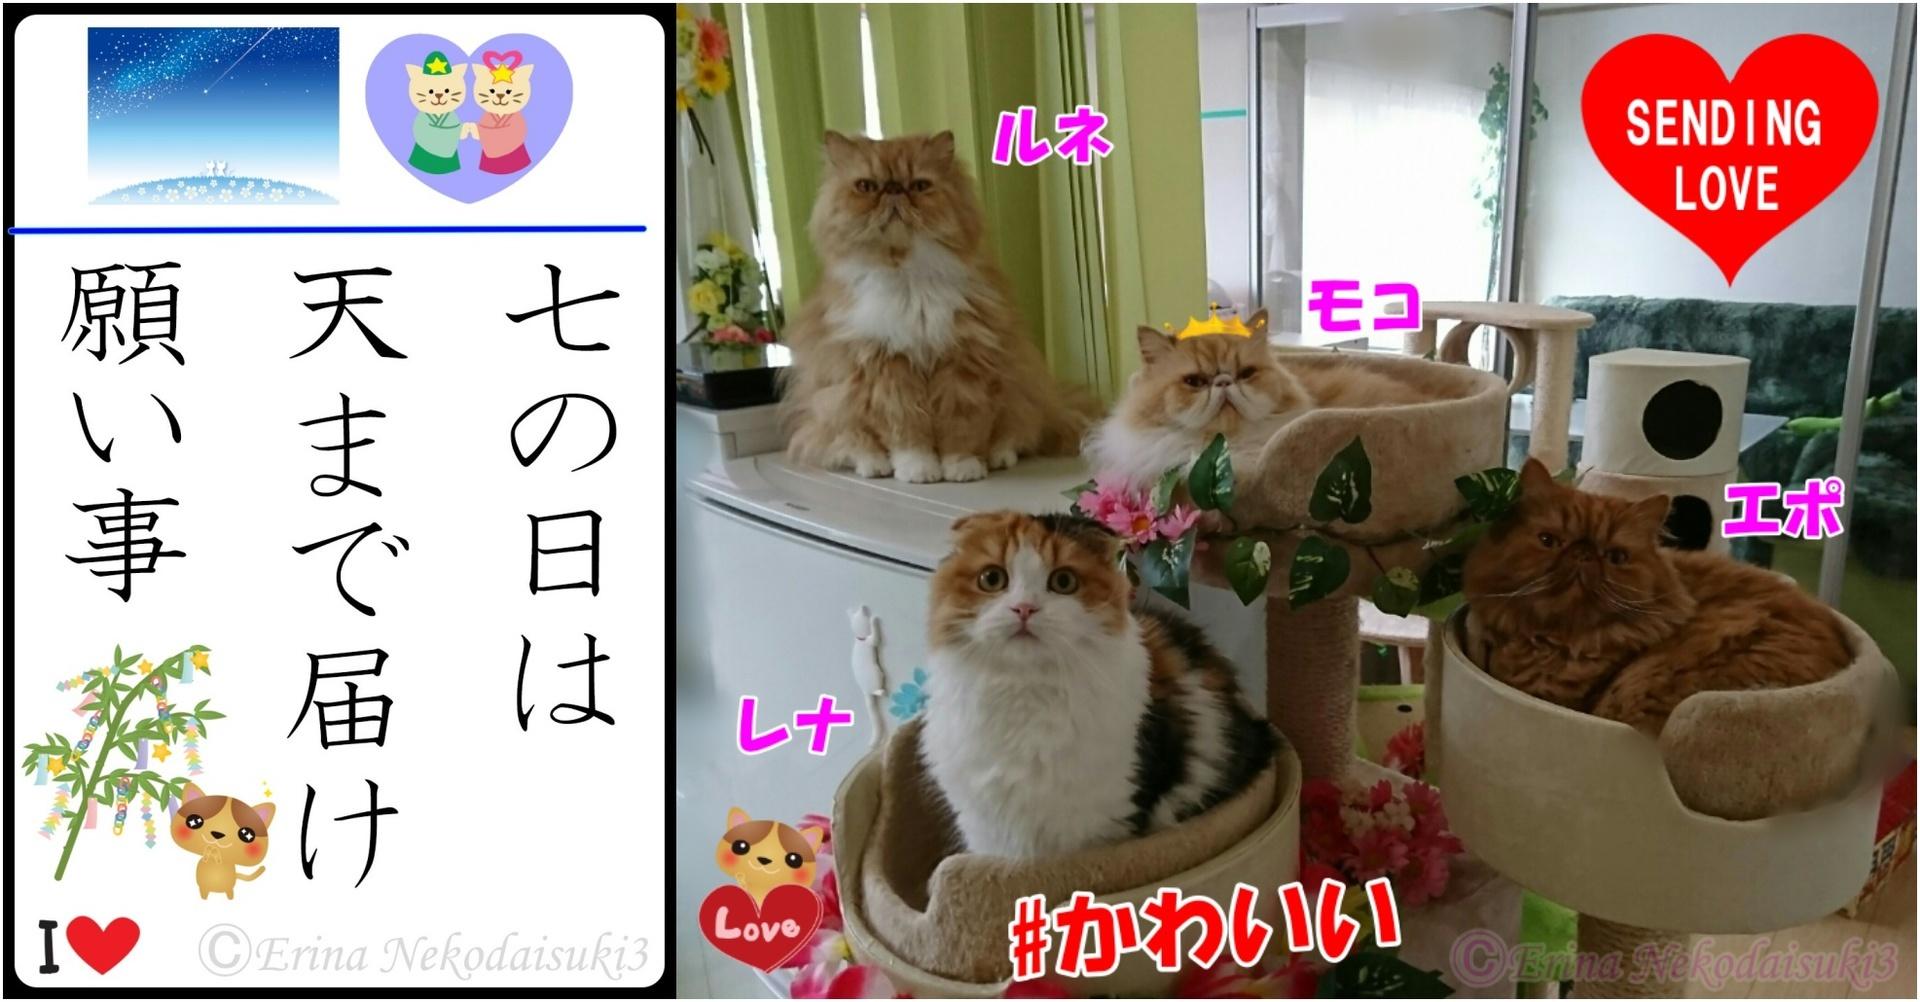 2連結猫川柳Ⓒ七の日は天まで届け願い事と4ニャンの写真.jpg